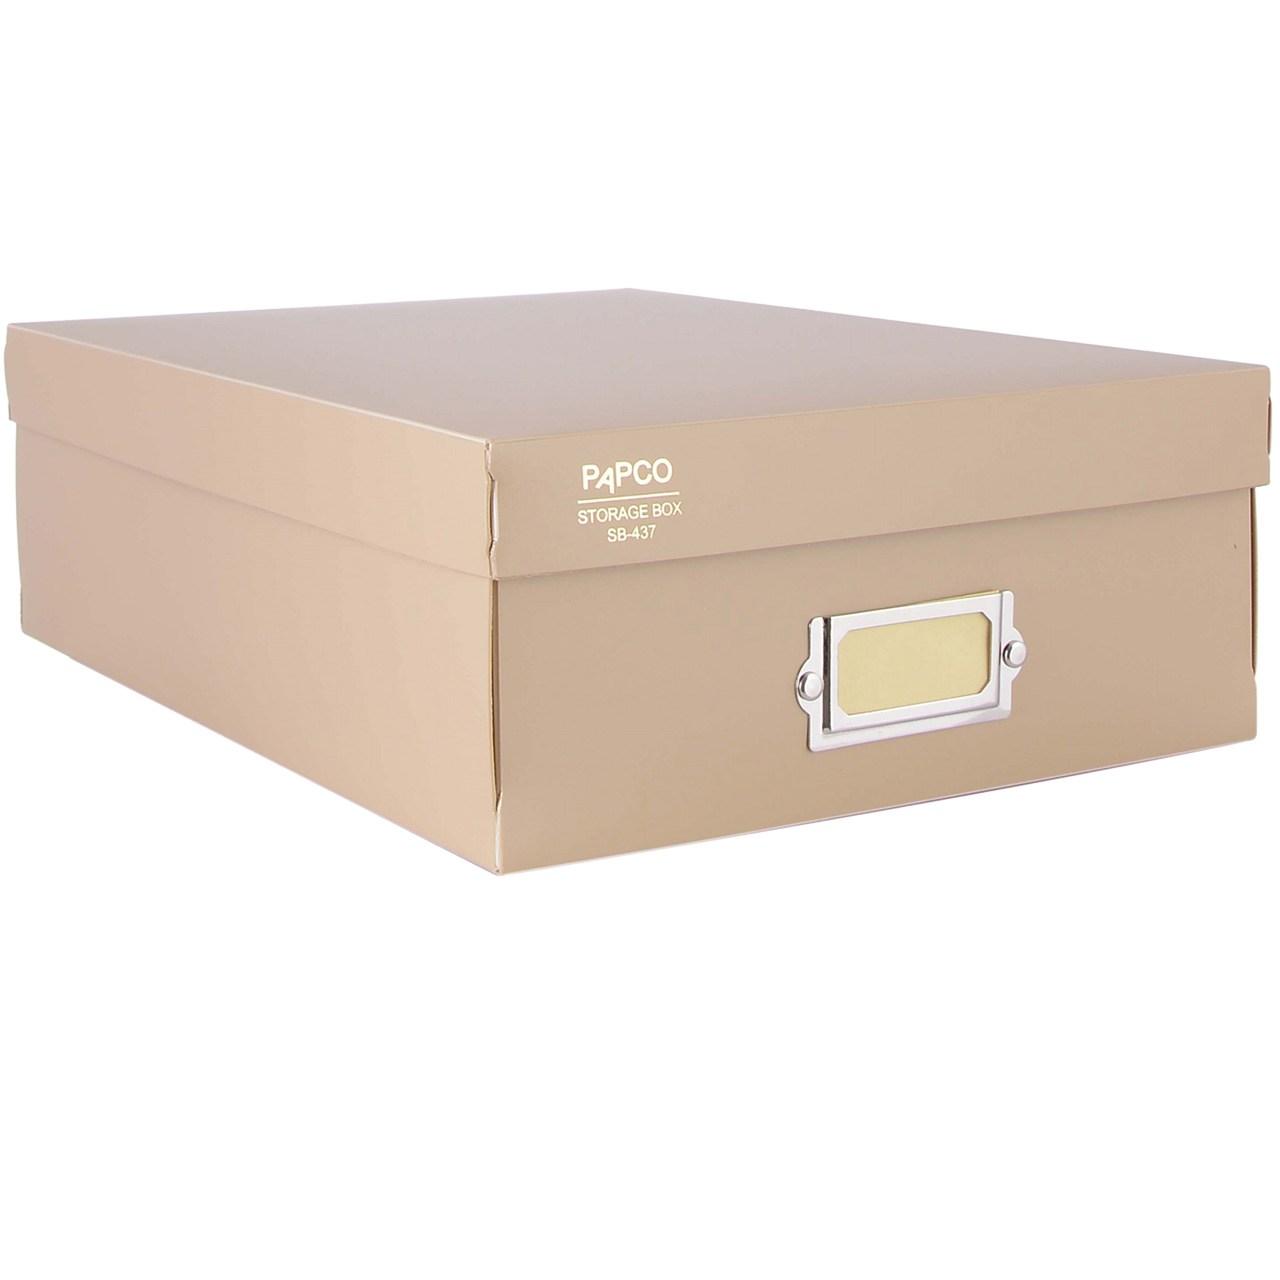 جعبه مدارک پاپکو کد SB-437